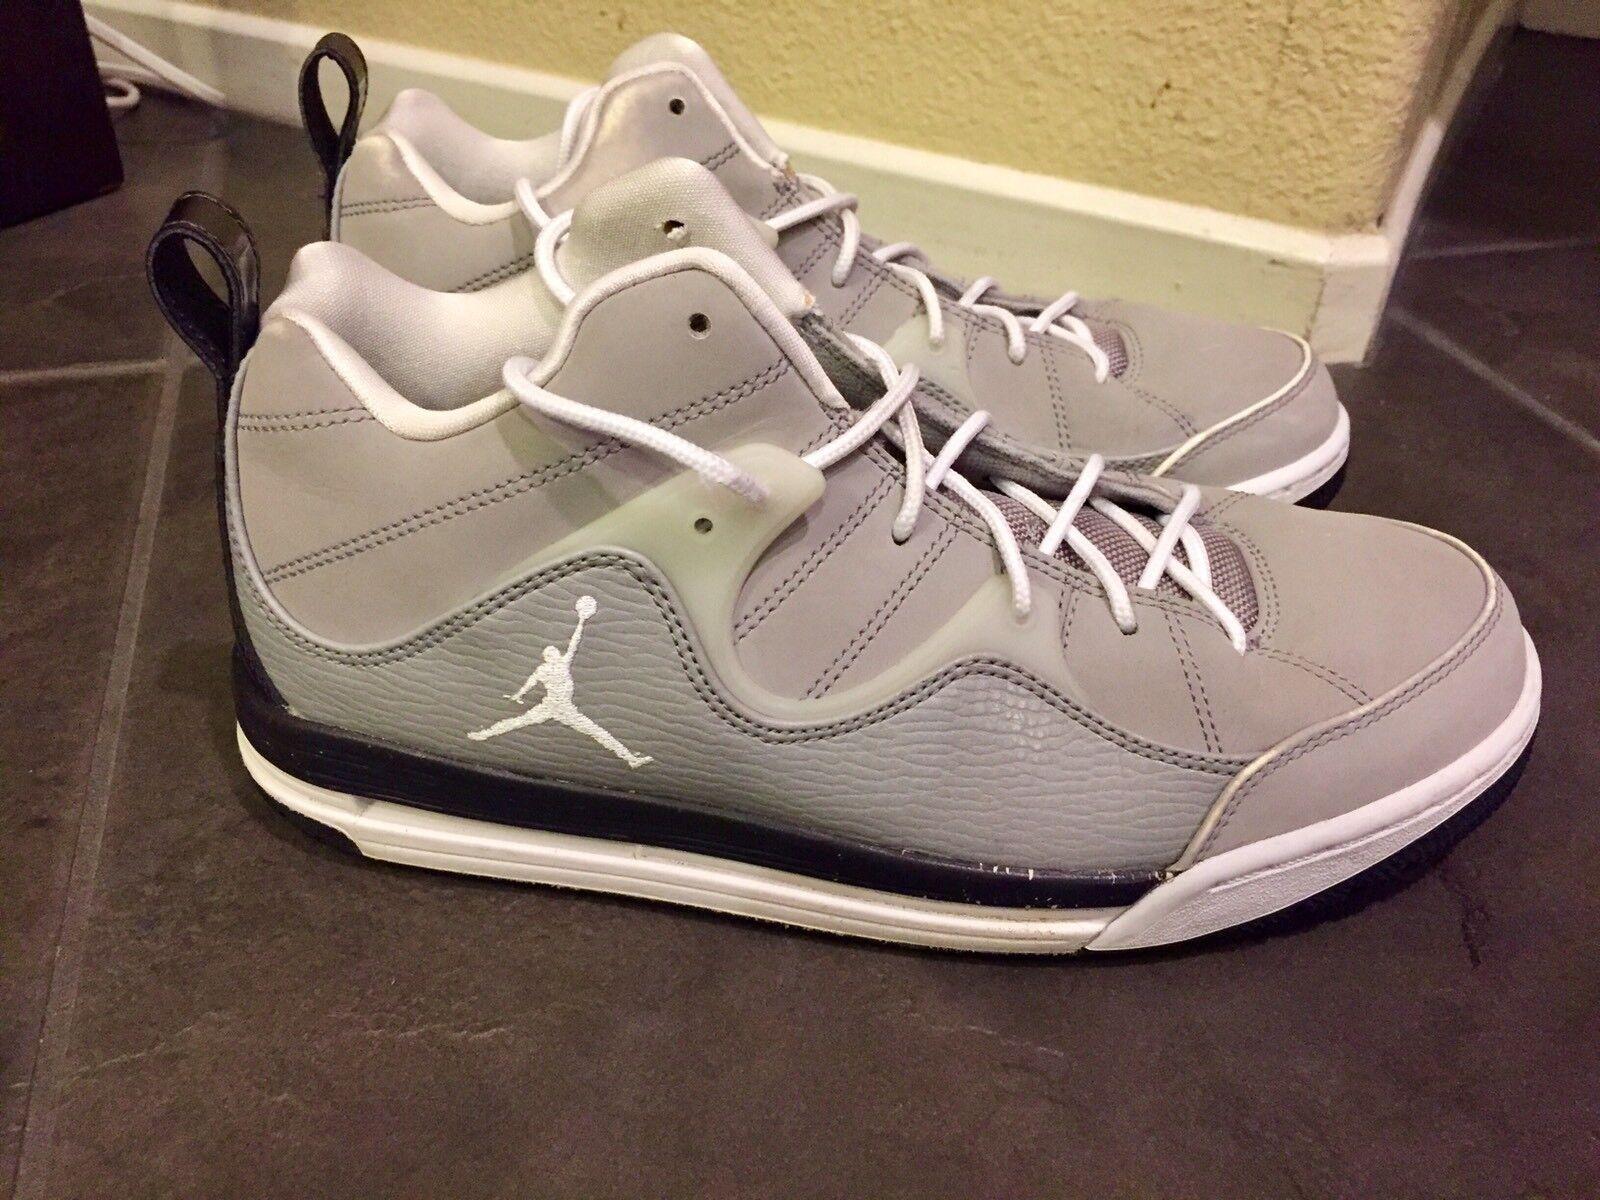 Nike Air Jordan 574417 003 cierto cómodo vuelo TR 97 baloncesto cómodo cierto casual zapatos hombres salvajes 7687c4